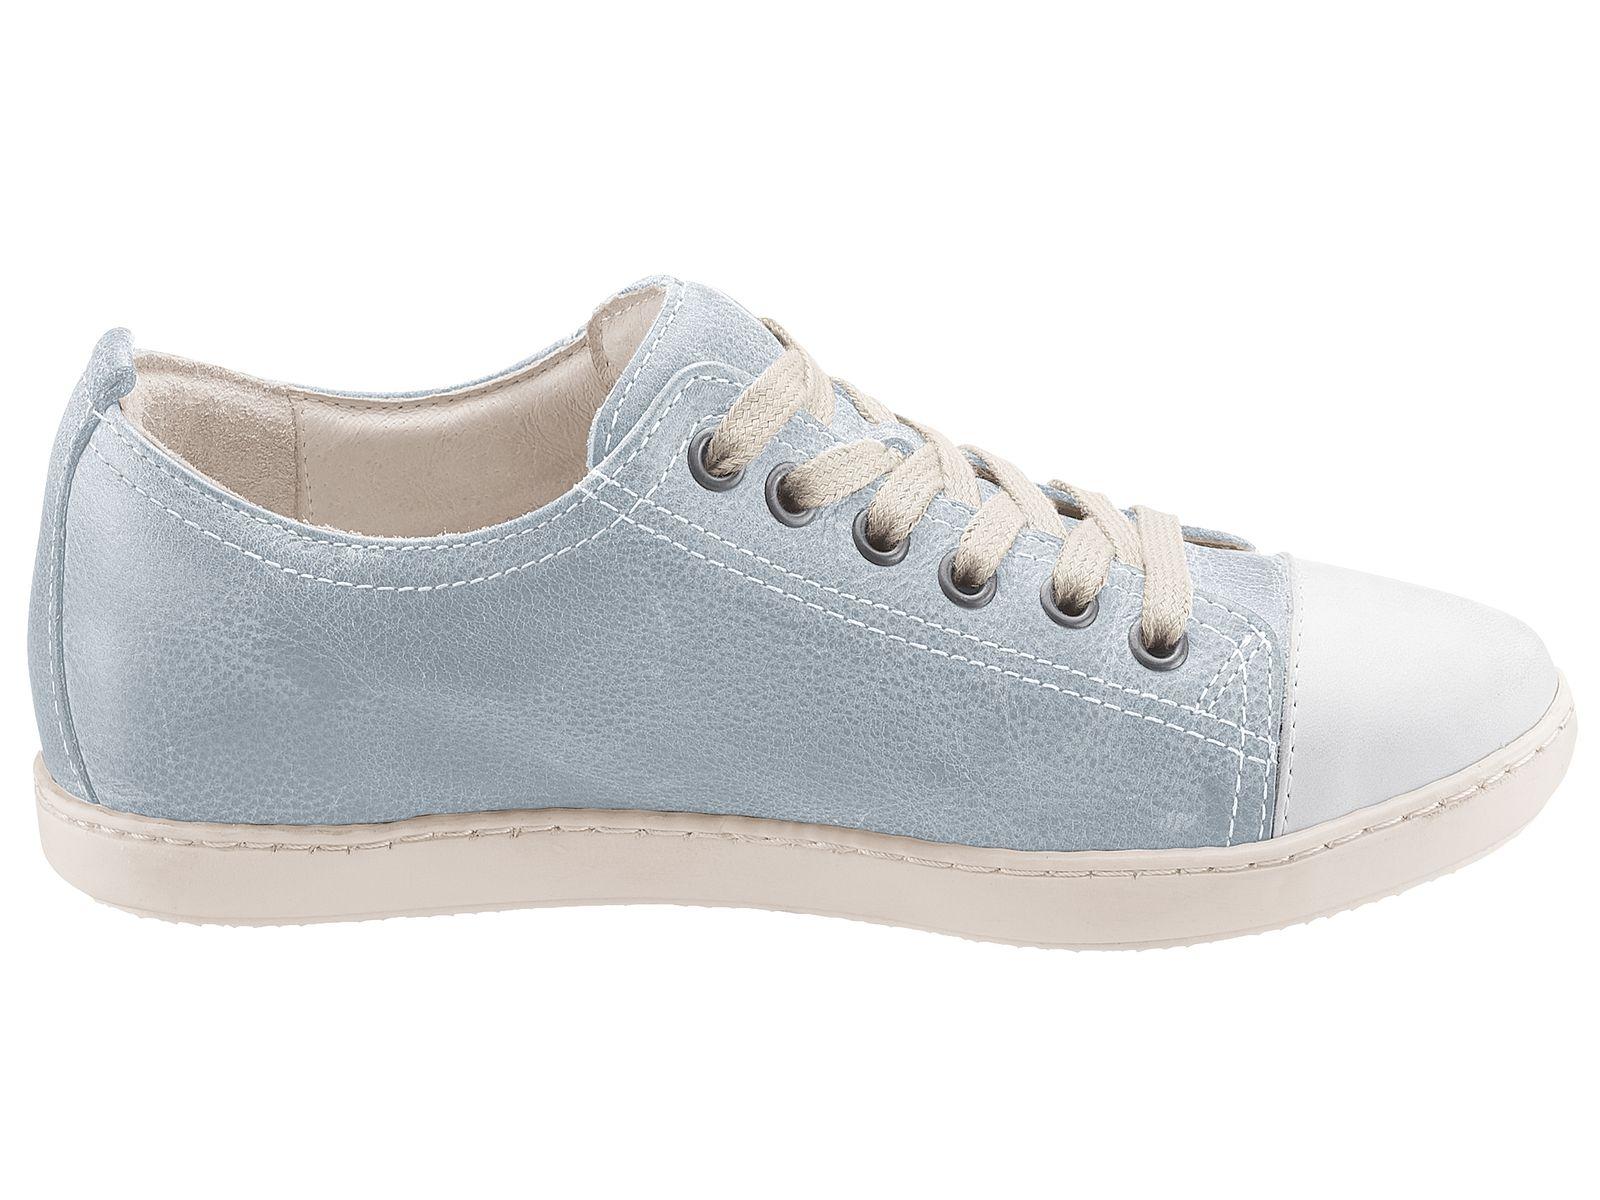 Eddie Bauer Leder-Sneaker Günstige und gute Schuhe